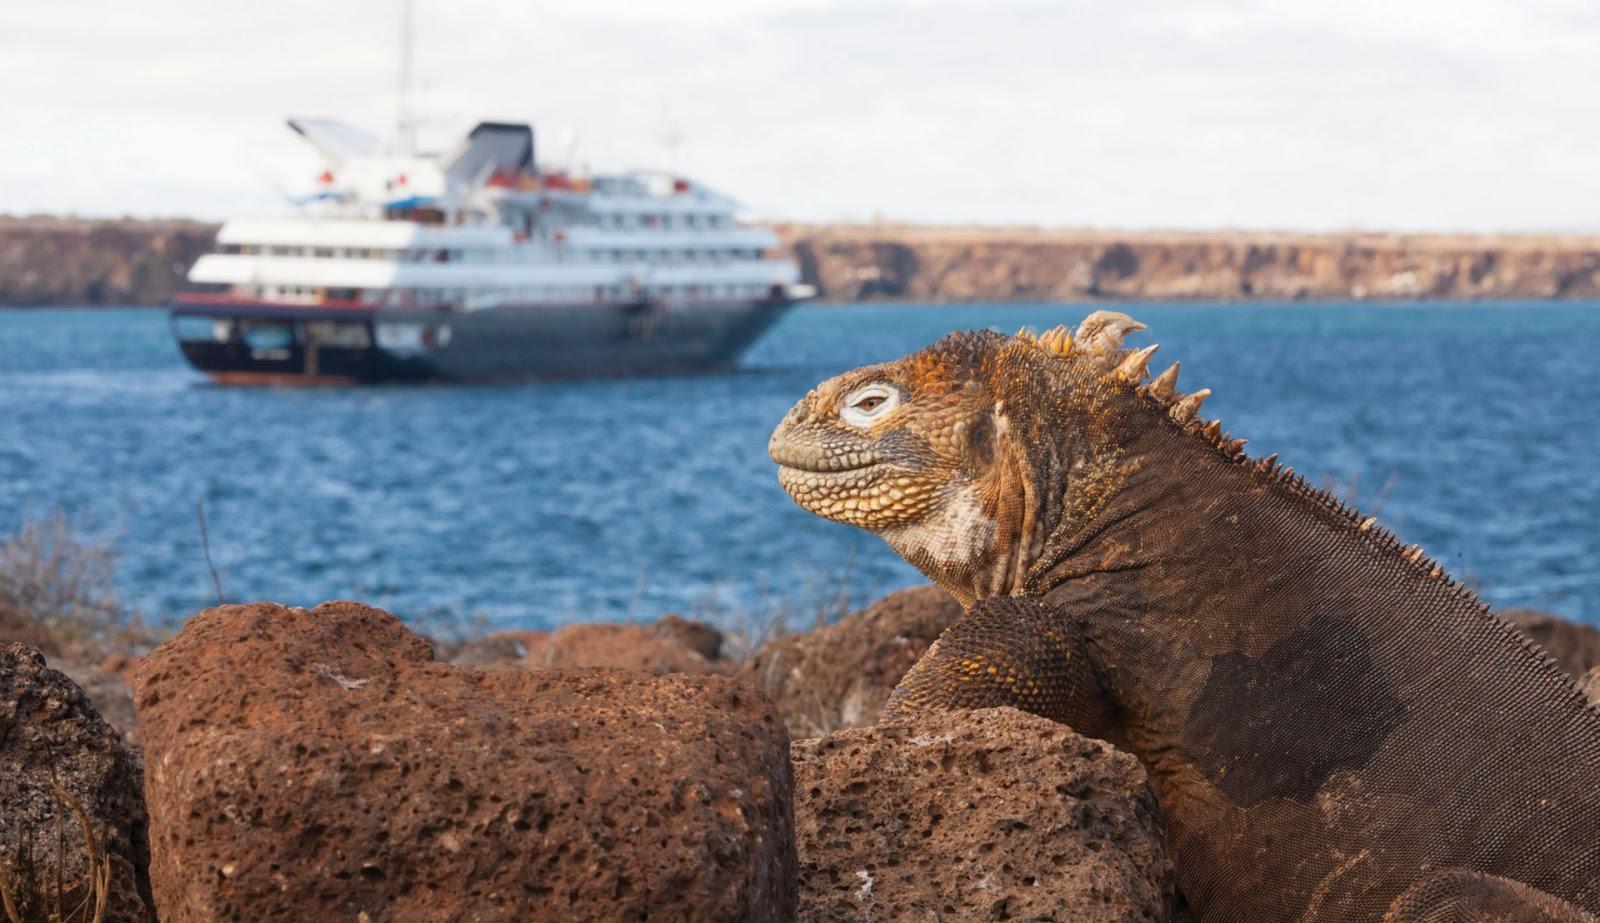 Imagen Crucero Aventura Expedición Naturaleza Ex12911